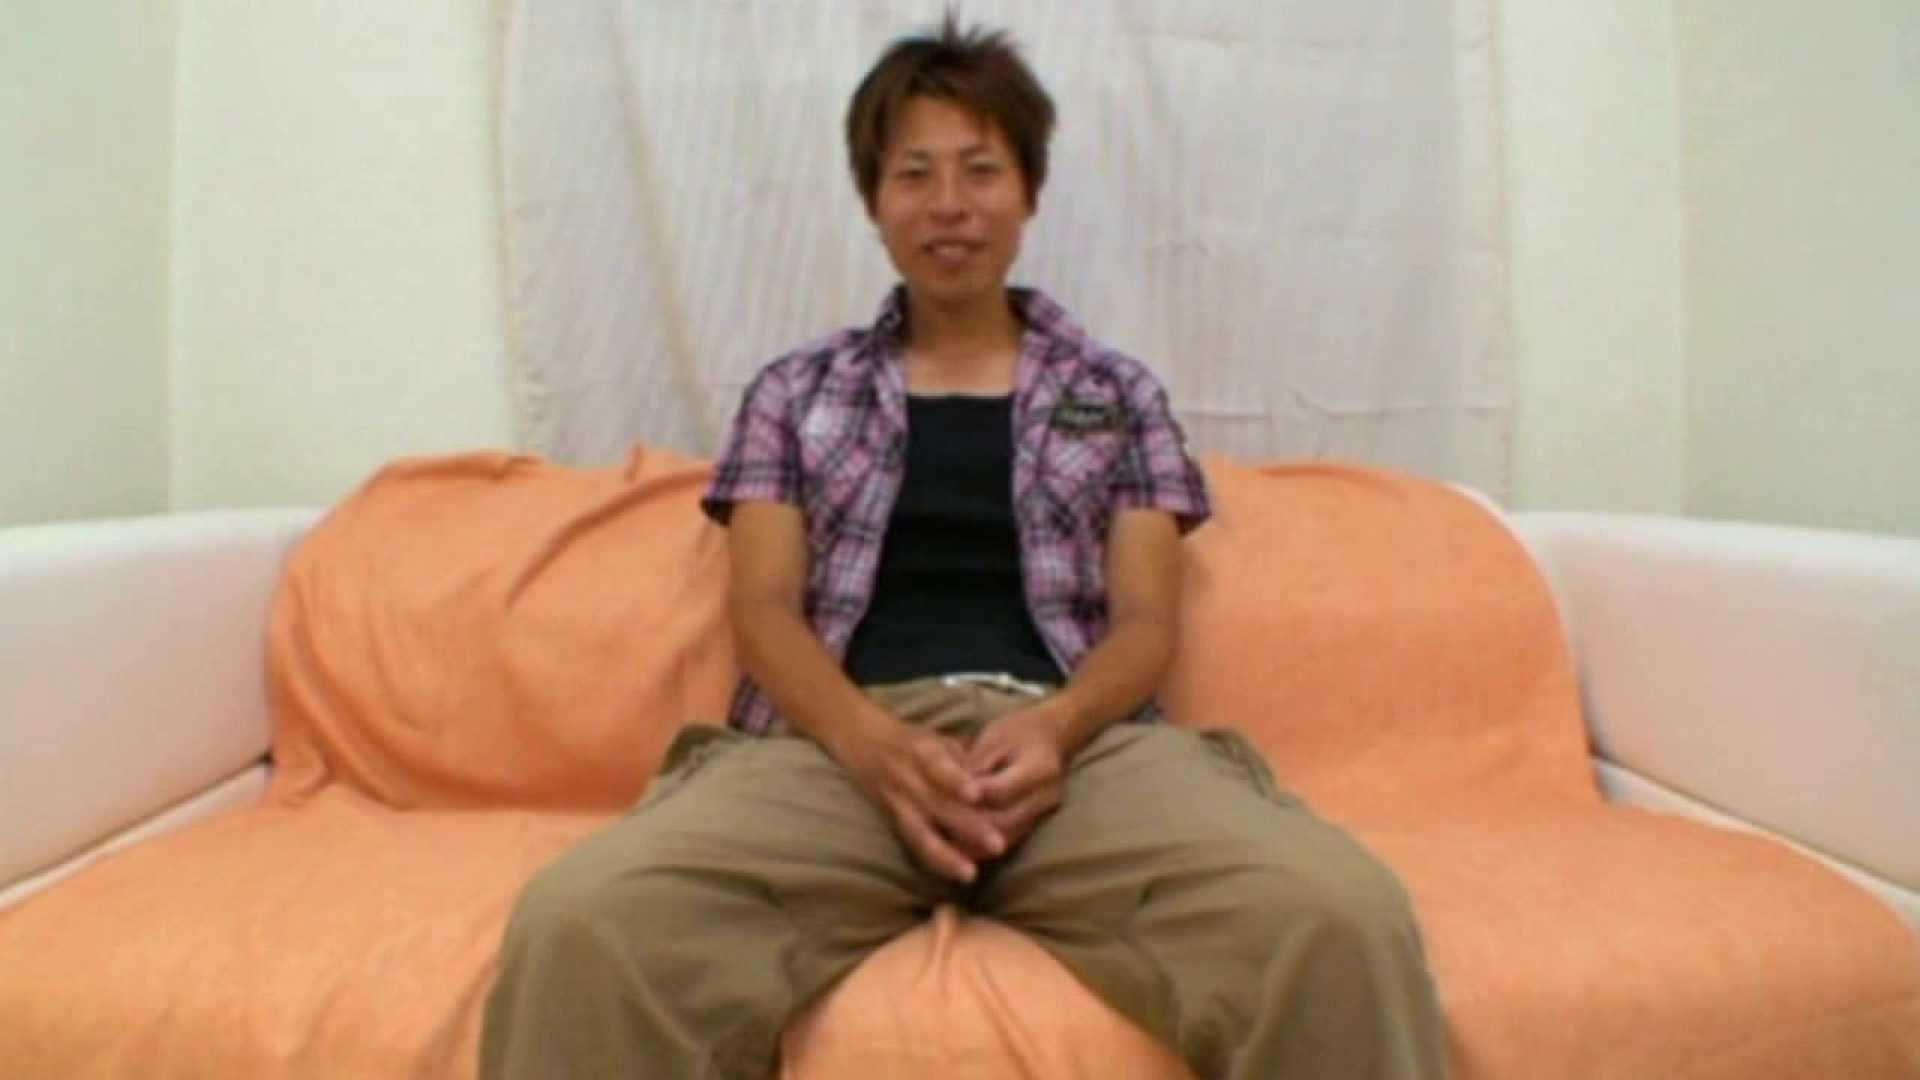 ノンケ!自慰スタジオ No.10 ノンケまつり ゲイ無料エロ画像 103枚 44